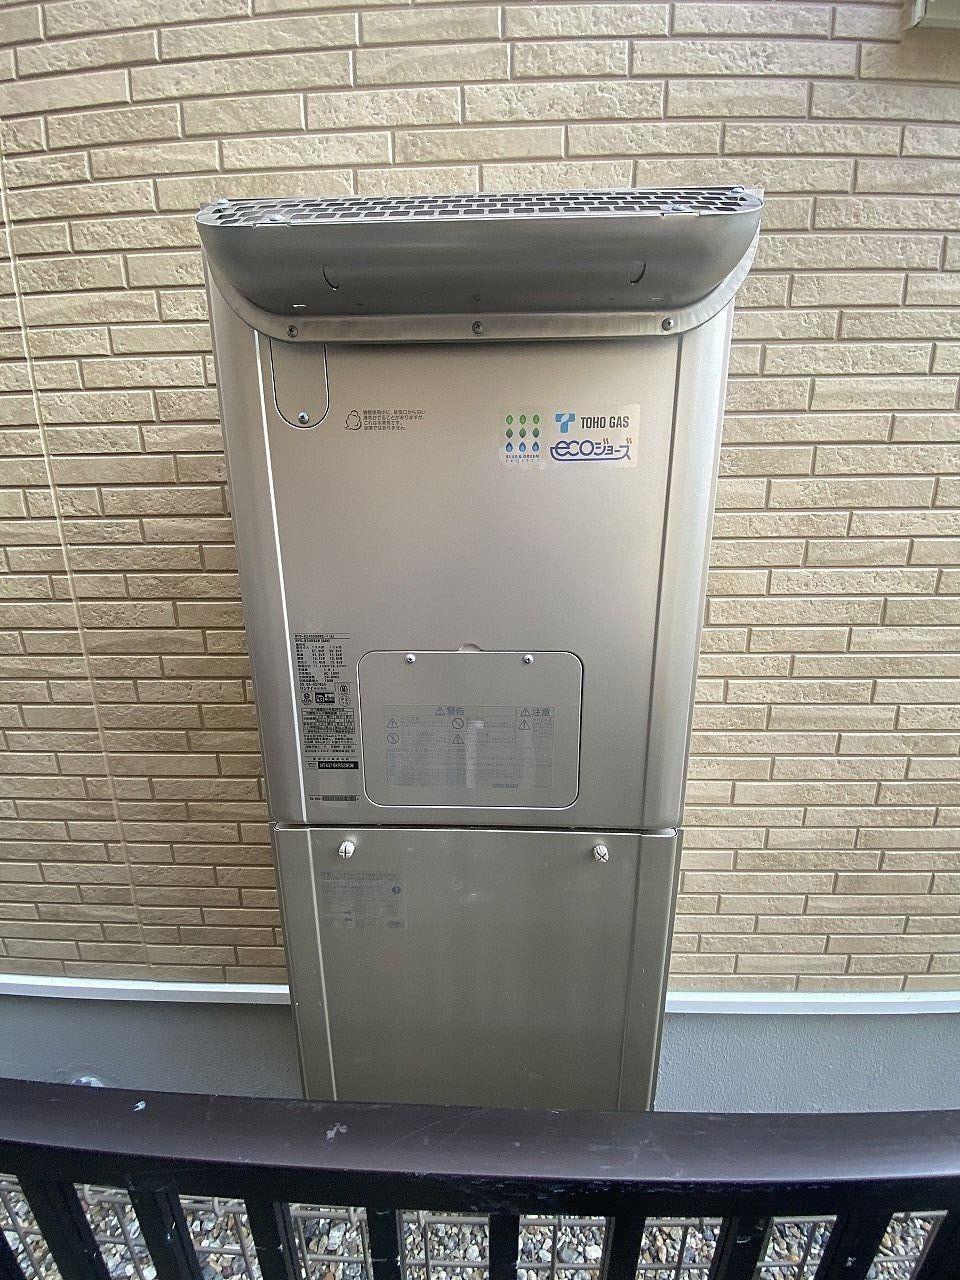 従来の給湯器では約80%が限界だった給湯器効率を95%に向上させたシステムのことです。